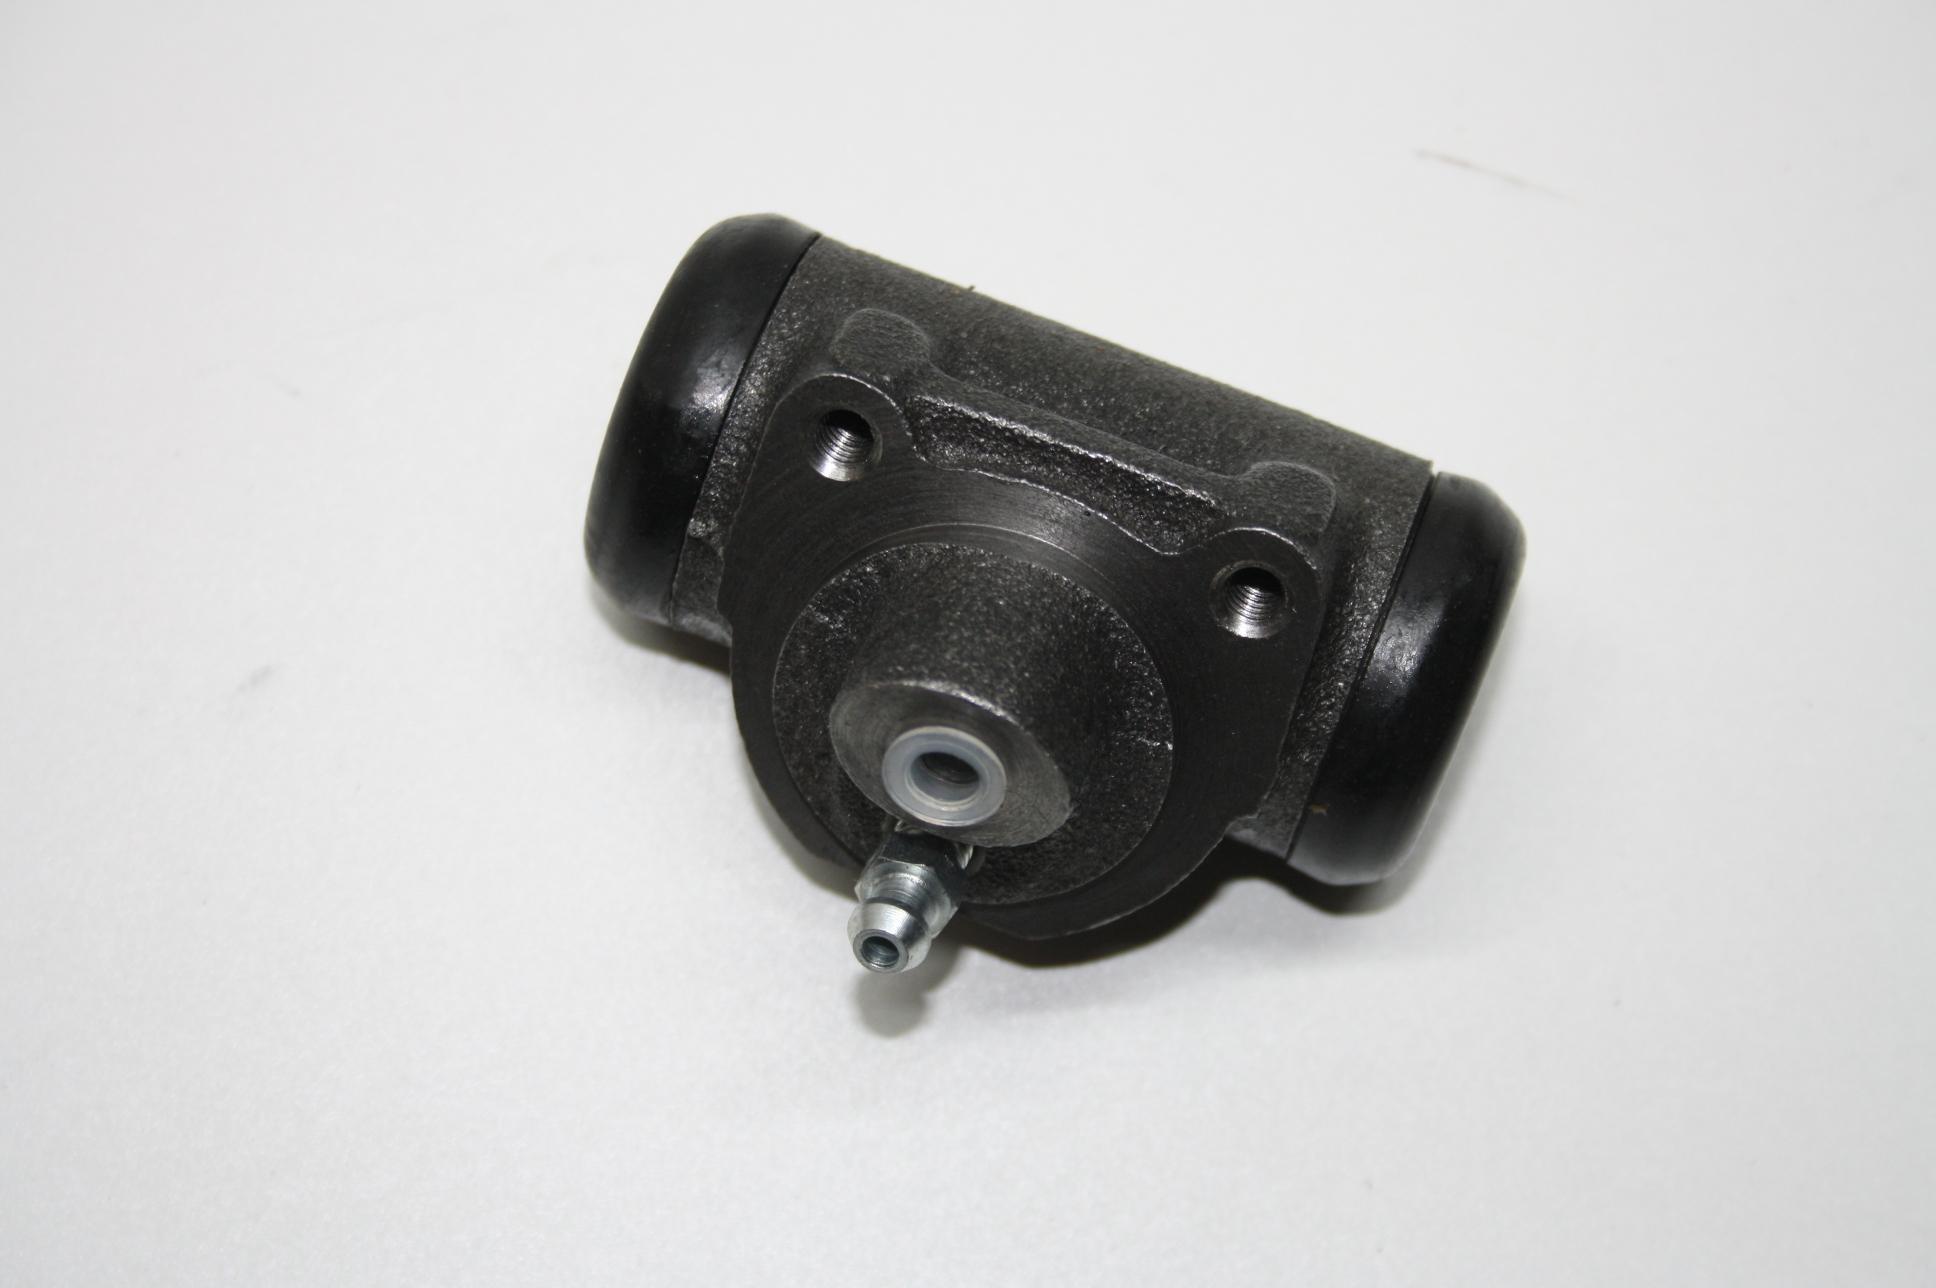 Bremsecylinder for